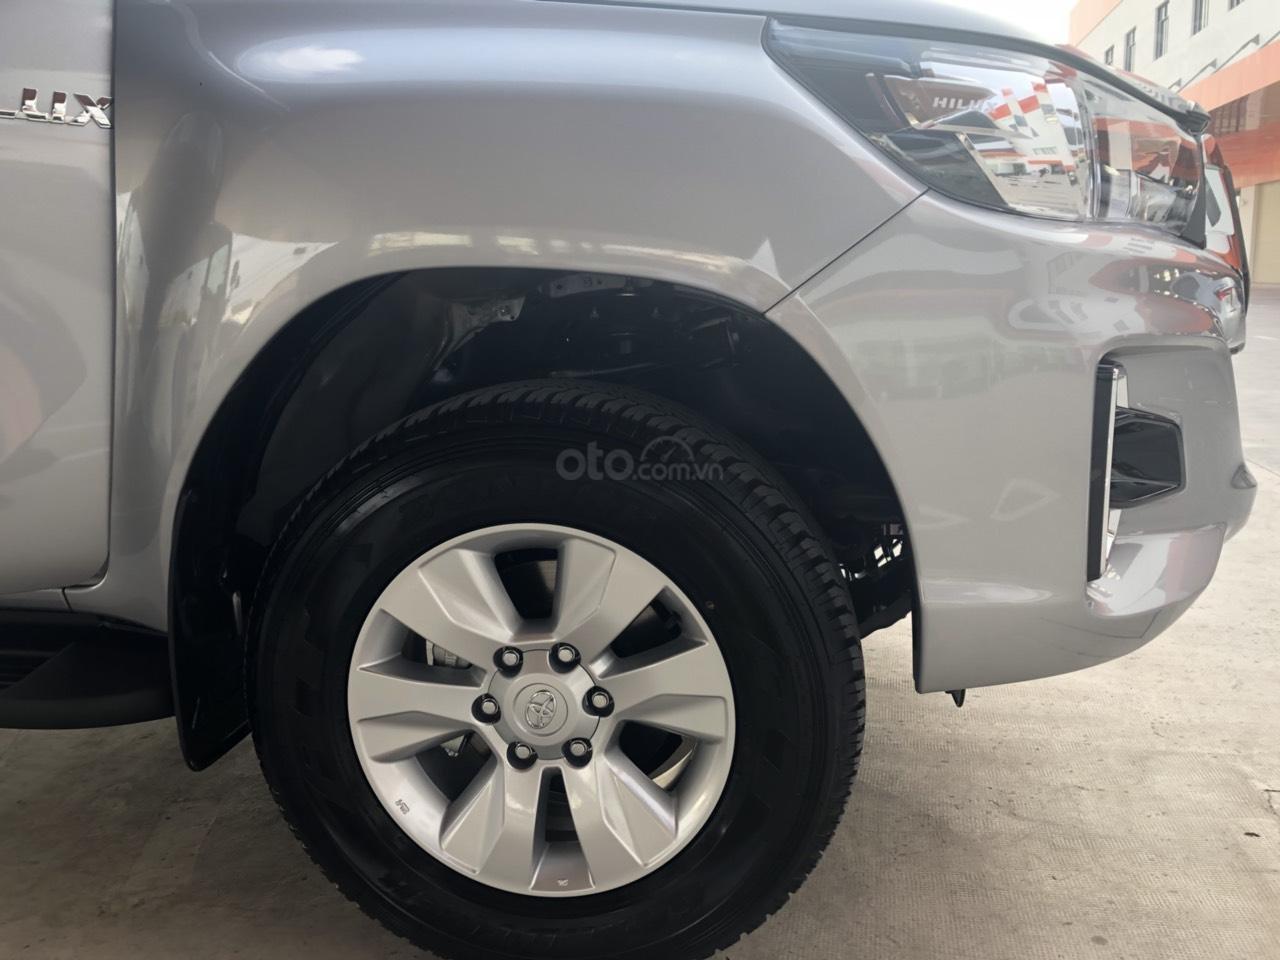 Bán Toyota Hilux 2.4 số sàn đời 2019, màu bạc, nhập khẩu nguyên chiếc (4)